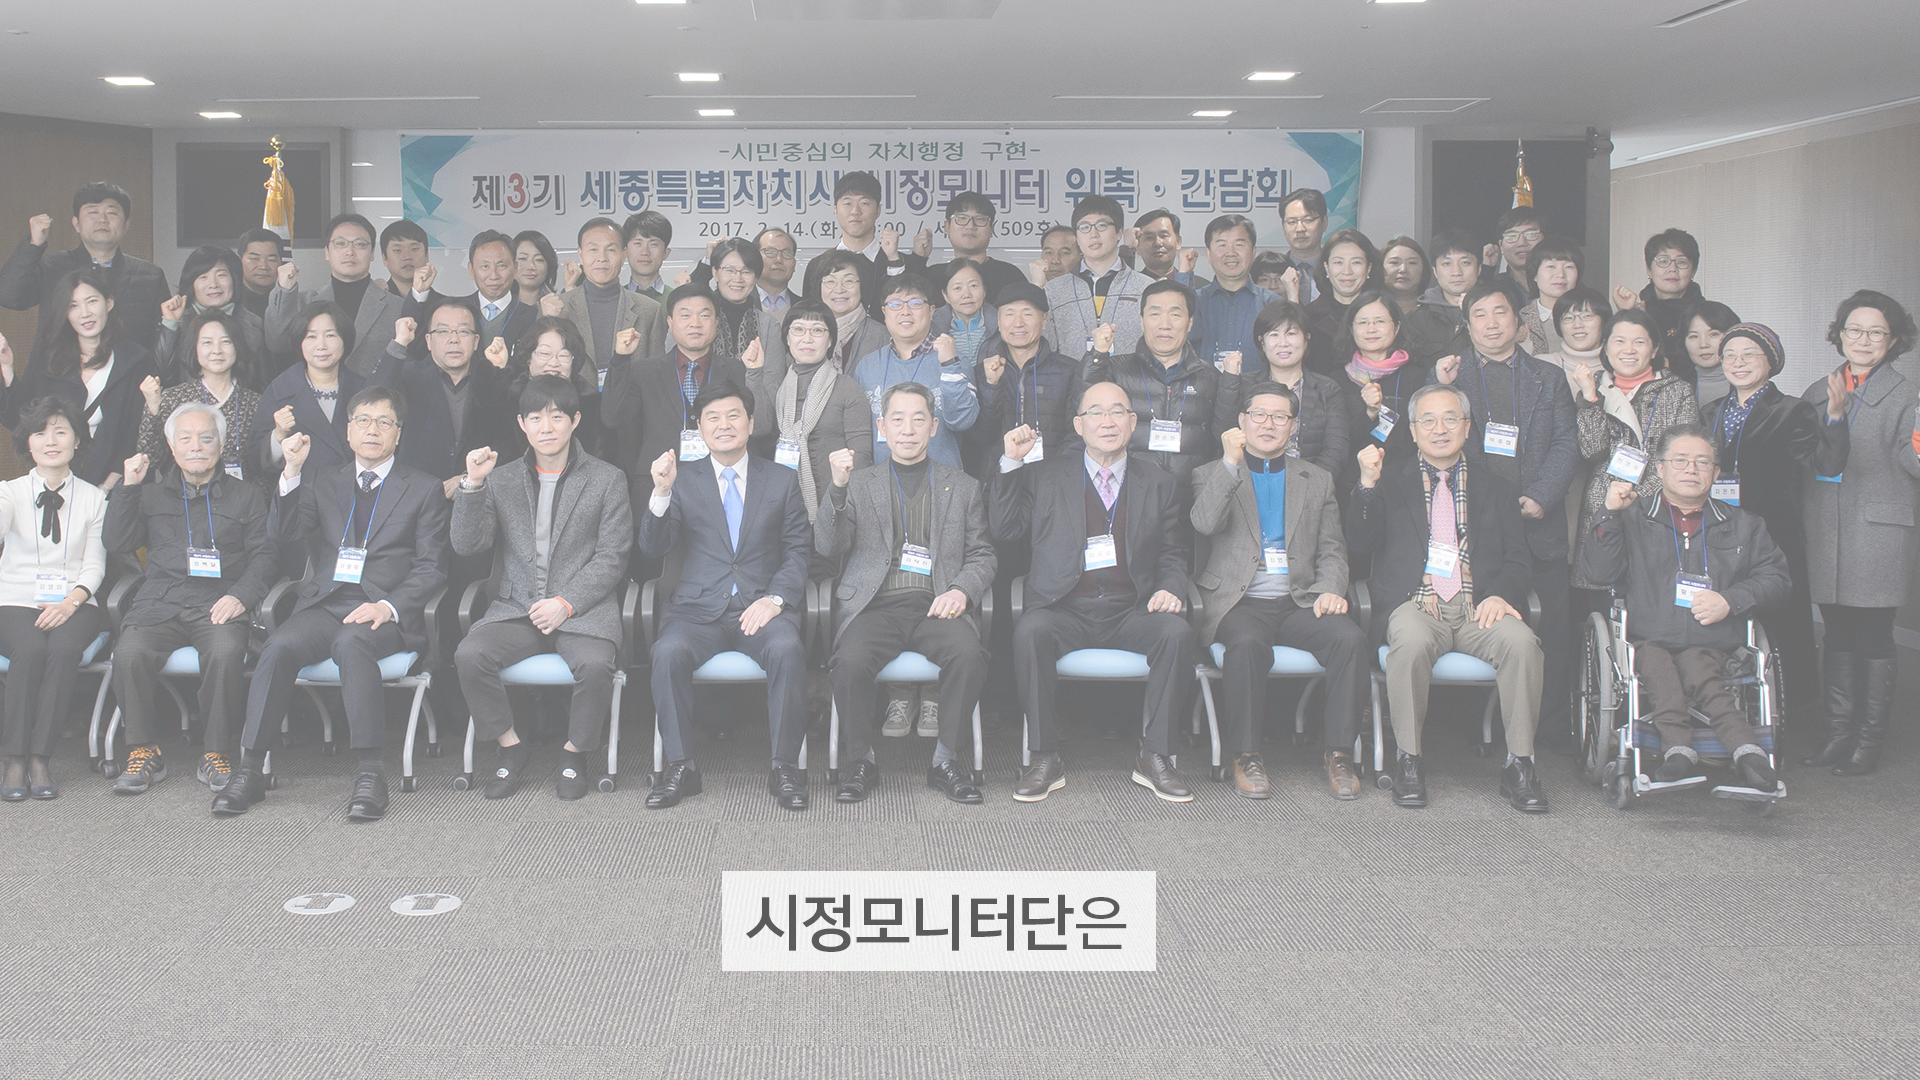 2017년 시정 모니터단 활동